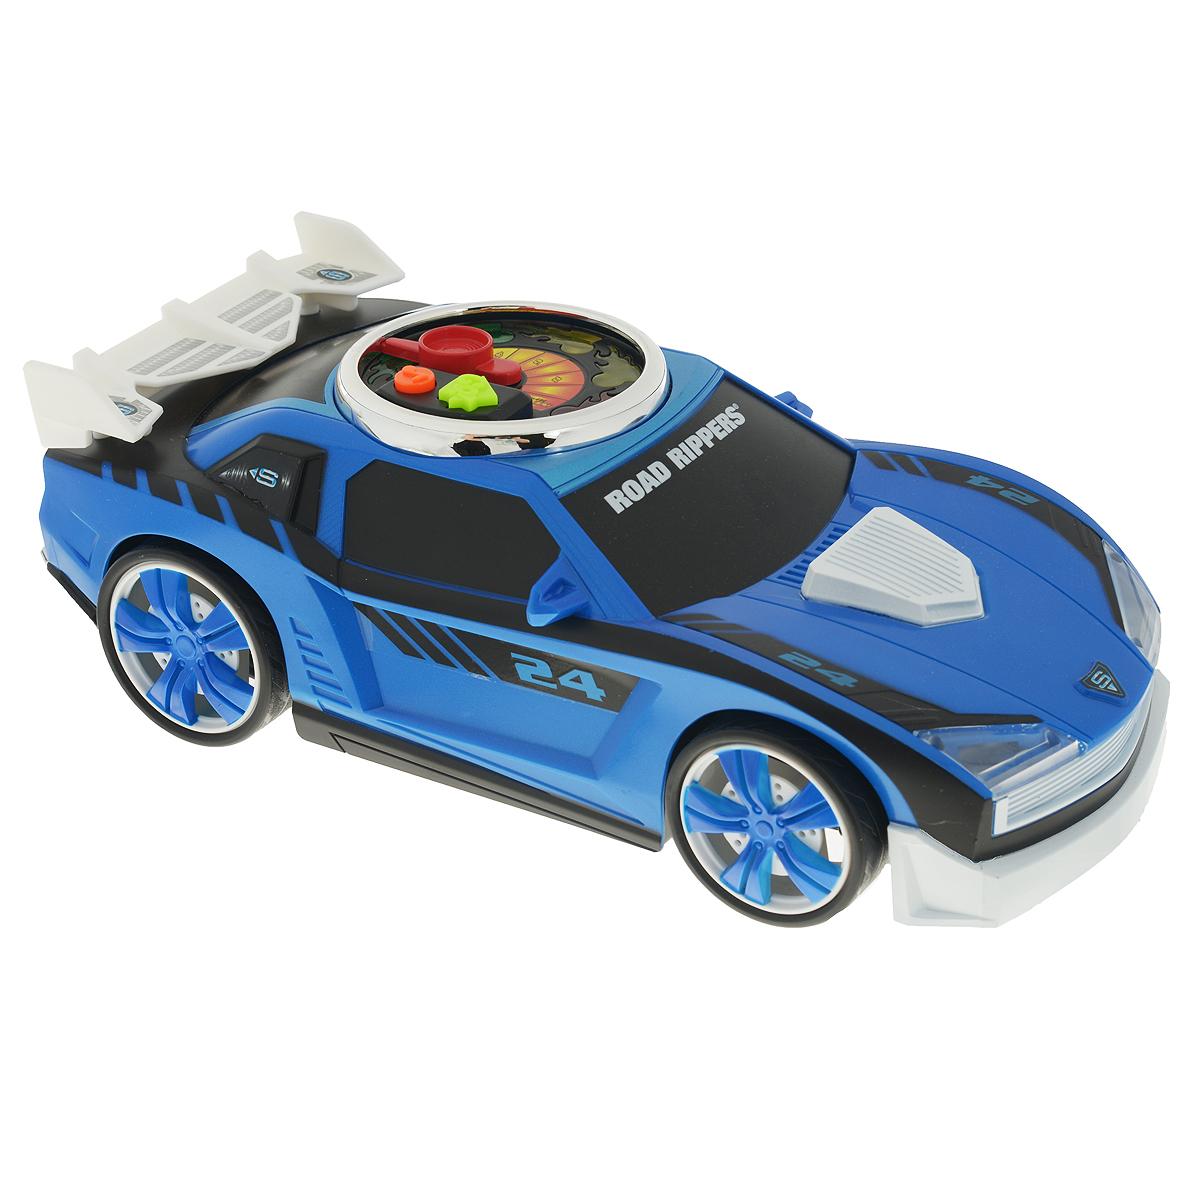 Road Rippers Машинка Turbo Revver цвет синий33490TS_синийЯркая машинка Road Rippers Turbo Revver со звуковыми и световыми эффектами, несомненно, понравится вашему ребенку и не позволит ему скучать. Игрушка выполнена в виде стильной гоночной машины. При нажатии на кнопки, расположенные на крыше, воспроизводятся звуки работающего двигателя, играет музыка, а фары машинки начинают светиться. Малыш сможет почувствовать себя настоящим гонщиком, разгоняя машинку - для этого нужно несколько раз повернуть стрелку на спидометре на крыше автомобиля. С каждым поворотом на экране спидометра будет загораться огонек и раздадутся звуки двигателя. Нажмите на кнопку GO, и колесики машинки начнут вращаться с характерными звуками, а диск на ее крыше будет мерцать разноцветными огоньками. Ваш ребенок часами будет играть с машинкой, придумывая различные истории и устраивая соревнования. Порадуйте его таким замечательным подарком! Рекомендуется докупить 3 батарейки напряжением 1,5V типа AА (товар комплектуется демонстрационными).